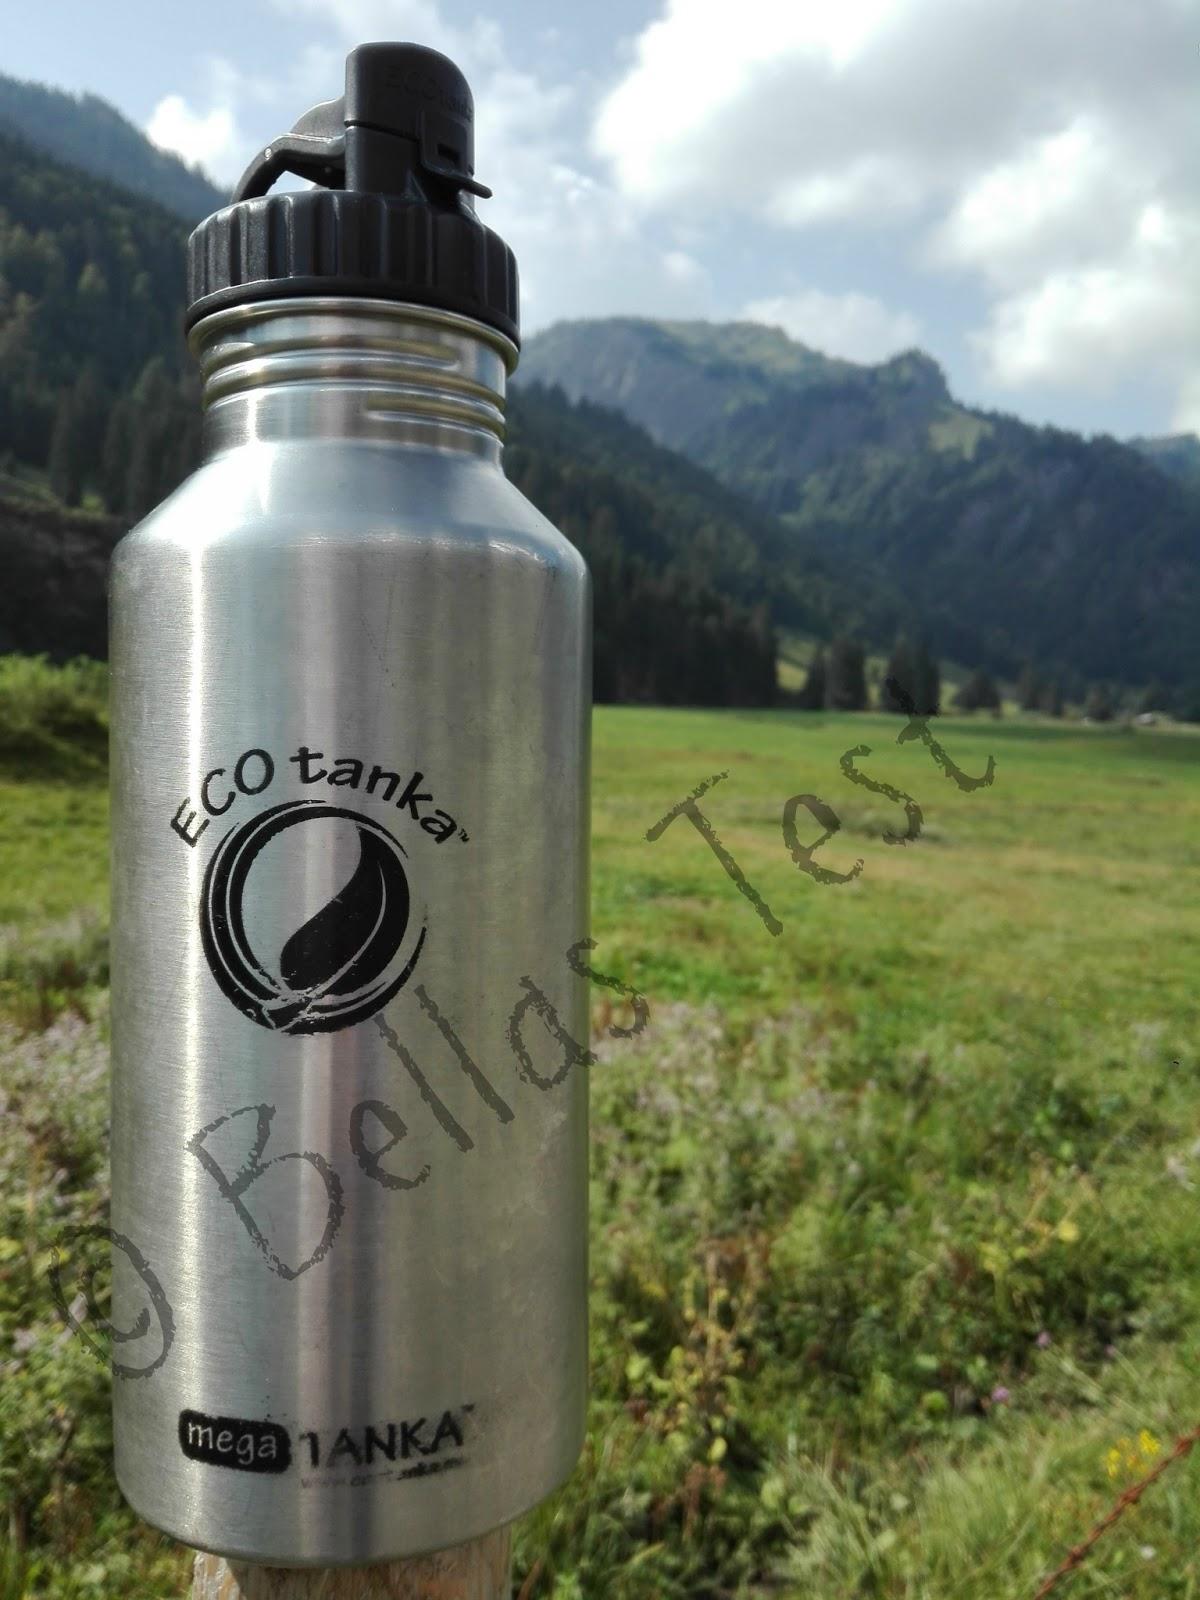 01828e65e75e54 Diese Edelstahl Trinkflasche fasst 2 l Inhalt. Genau die richtige  Trinkmenge für einen Ausflug.